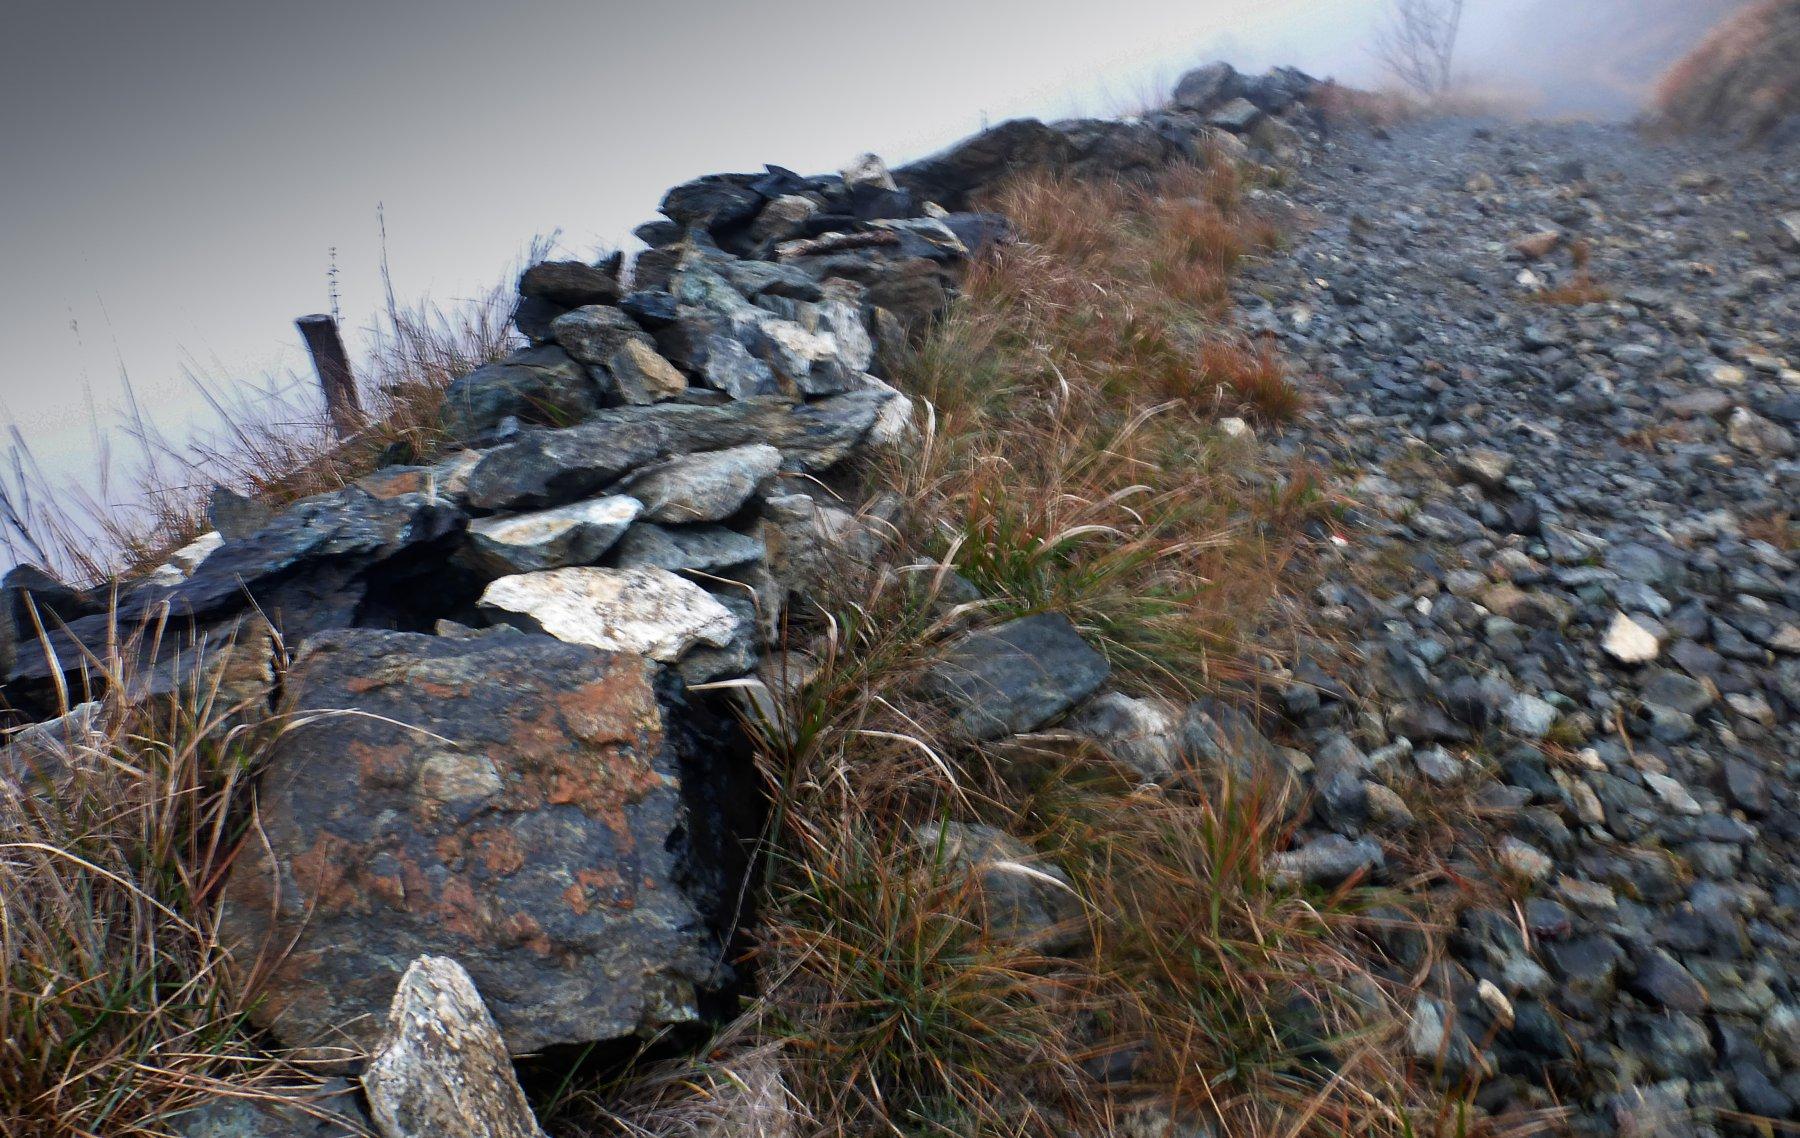 Gava (Passo della) da Terralba 2017-12-24